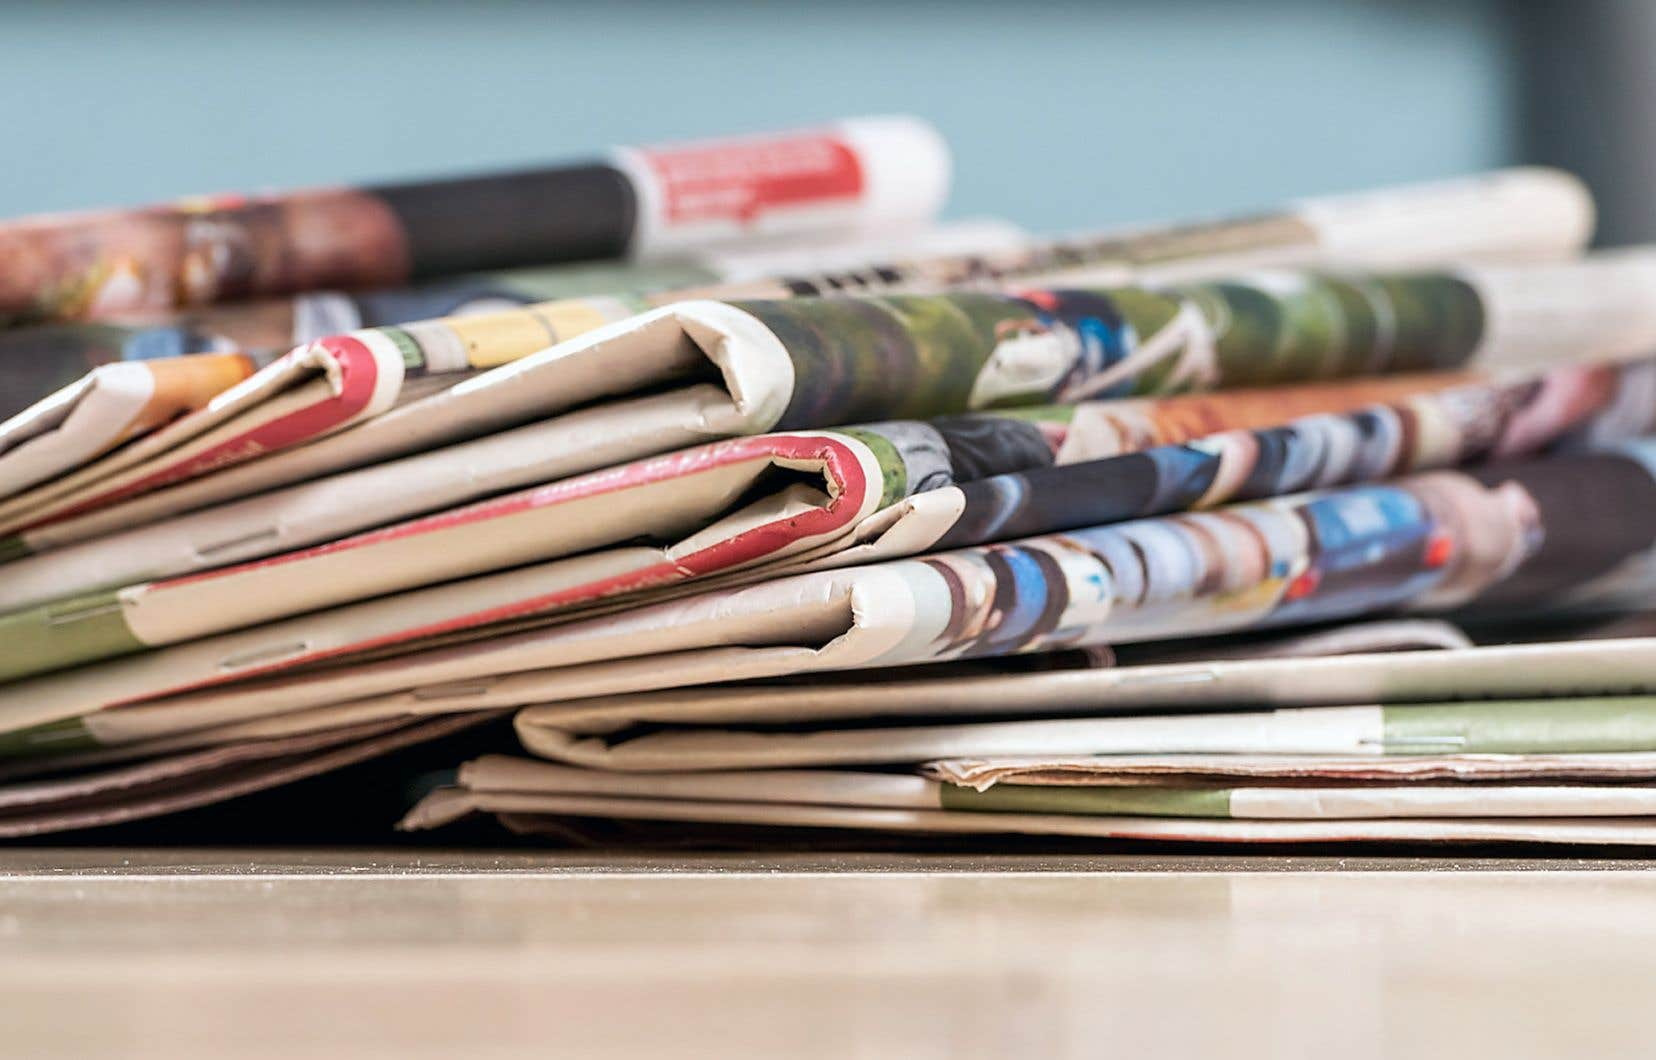 Le Québec a fait l'annonce d'une aide de 36,4millions aux médias, dont 19,2millions iront à la transformation numérique de la presse écrite.